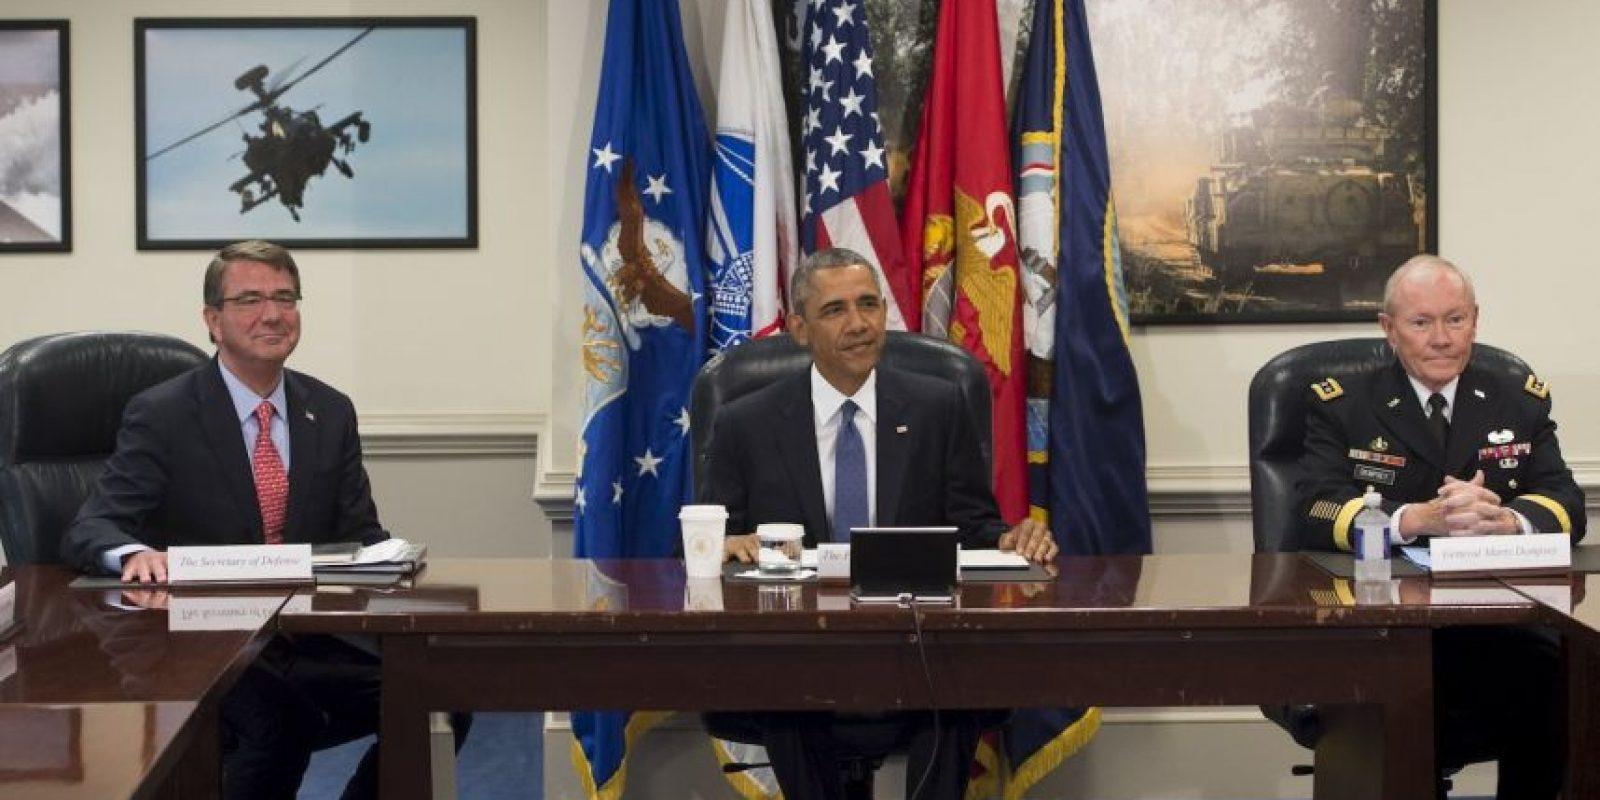 Oficialmente el 20 de enero de 2017 dejará de ser presidente de Estados Unidos. Foto:AFP